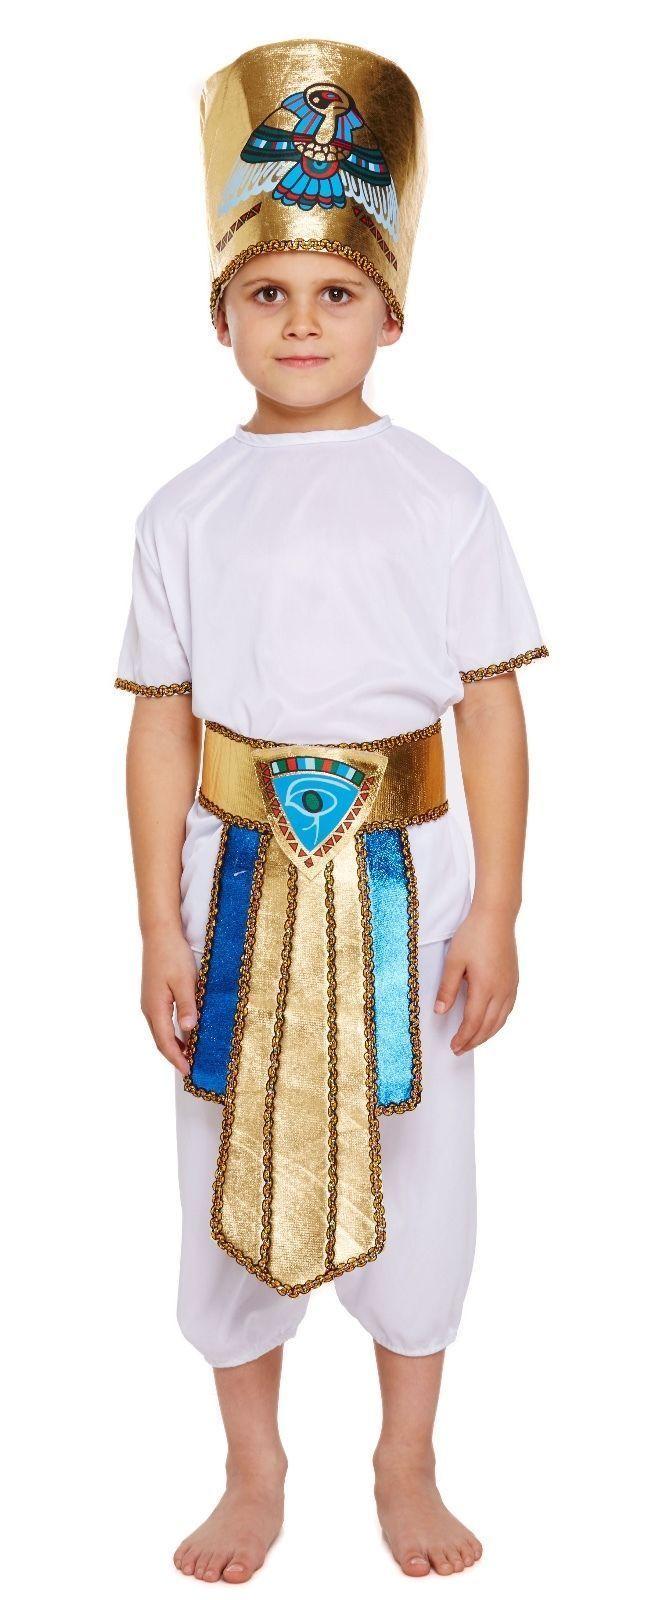 9.5 GBP - Childs Egyptian Boy Fancy Dress Costume Egypt King Pharaoh ...